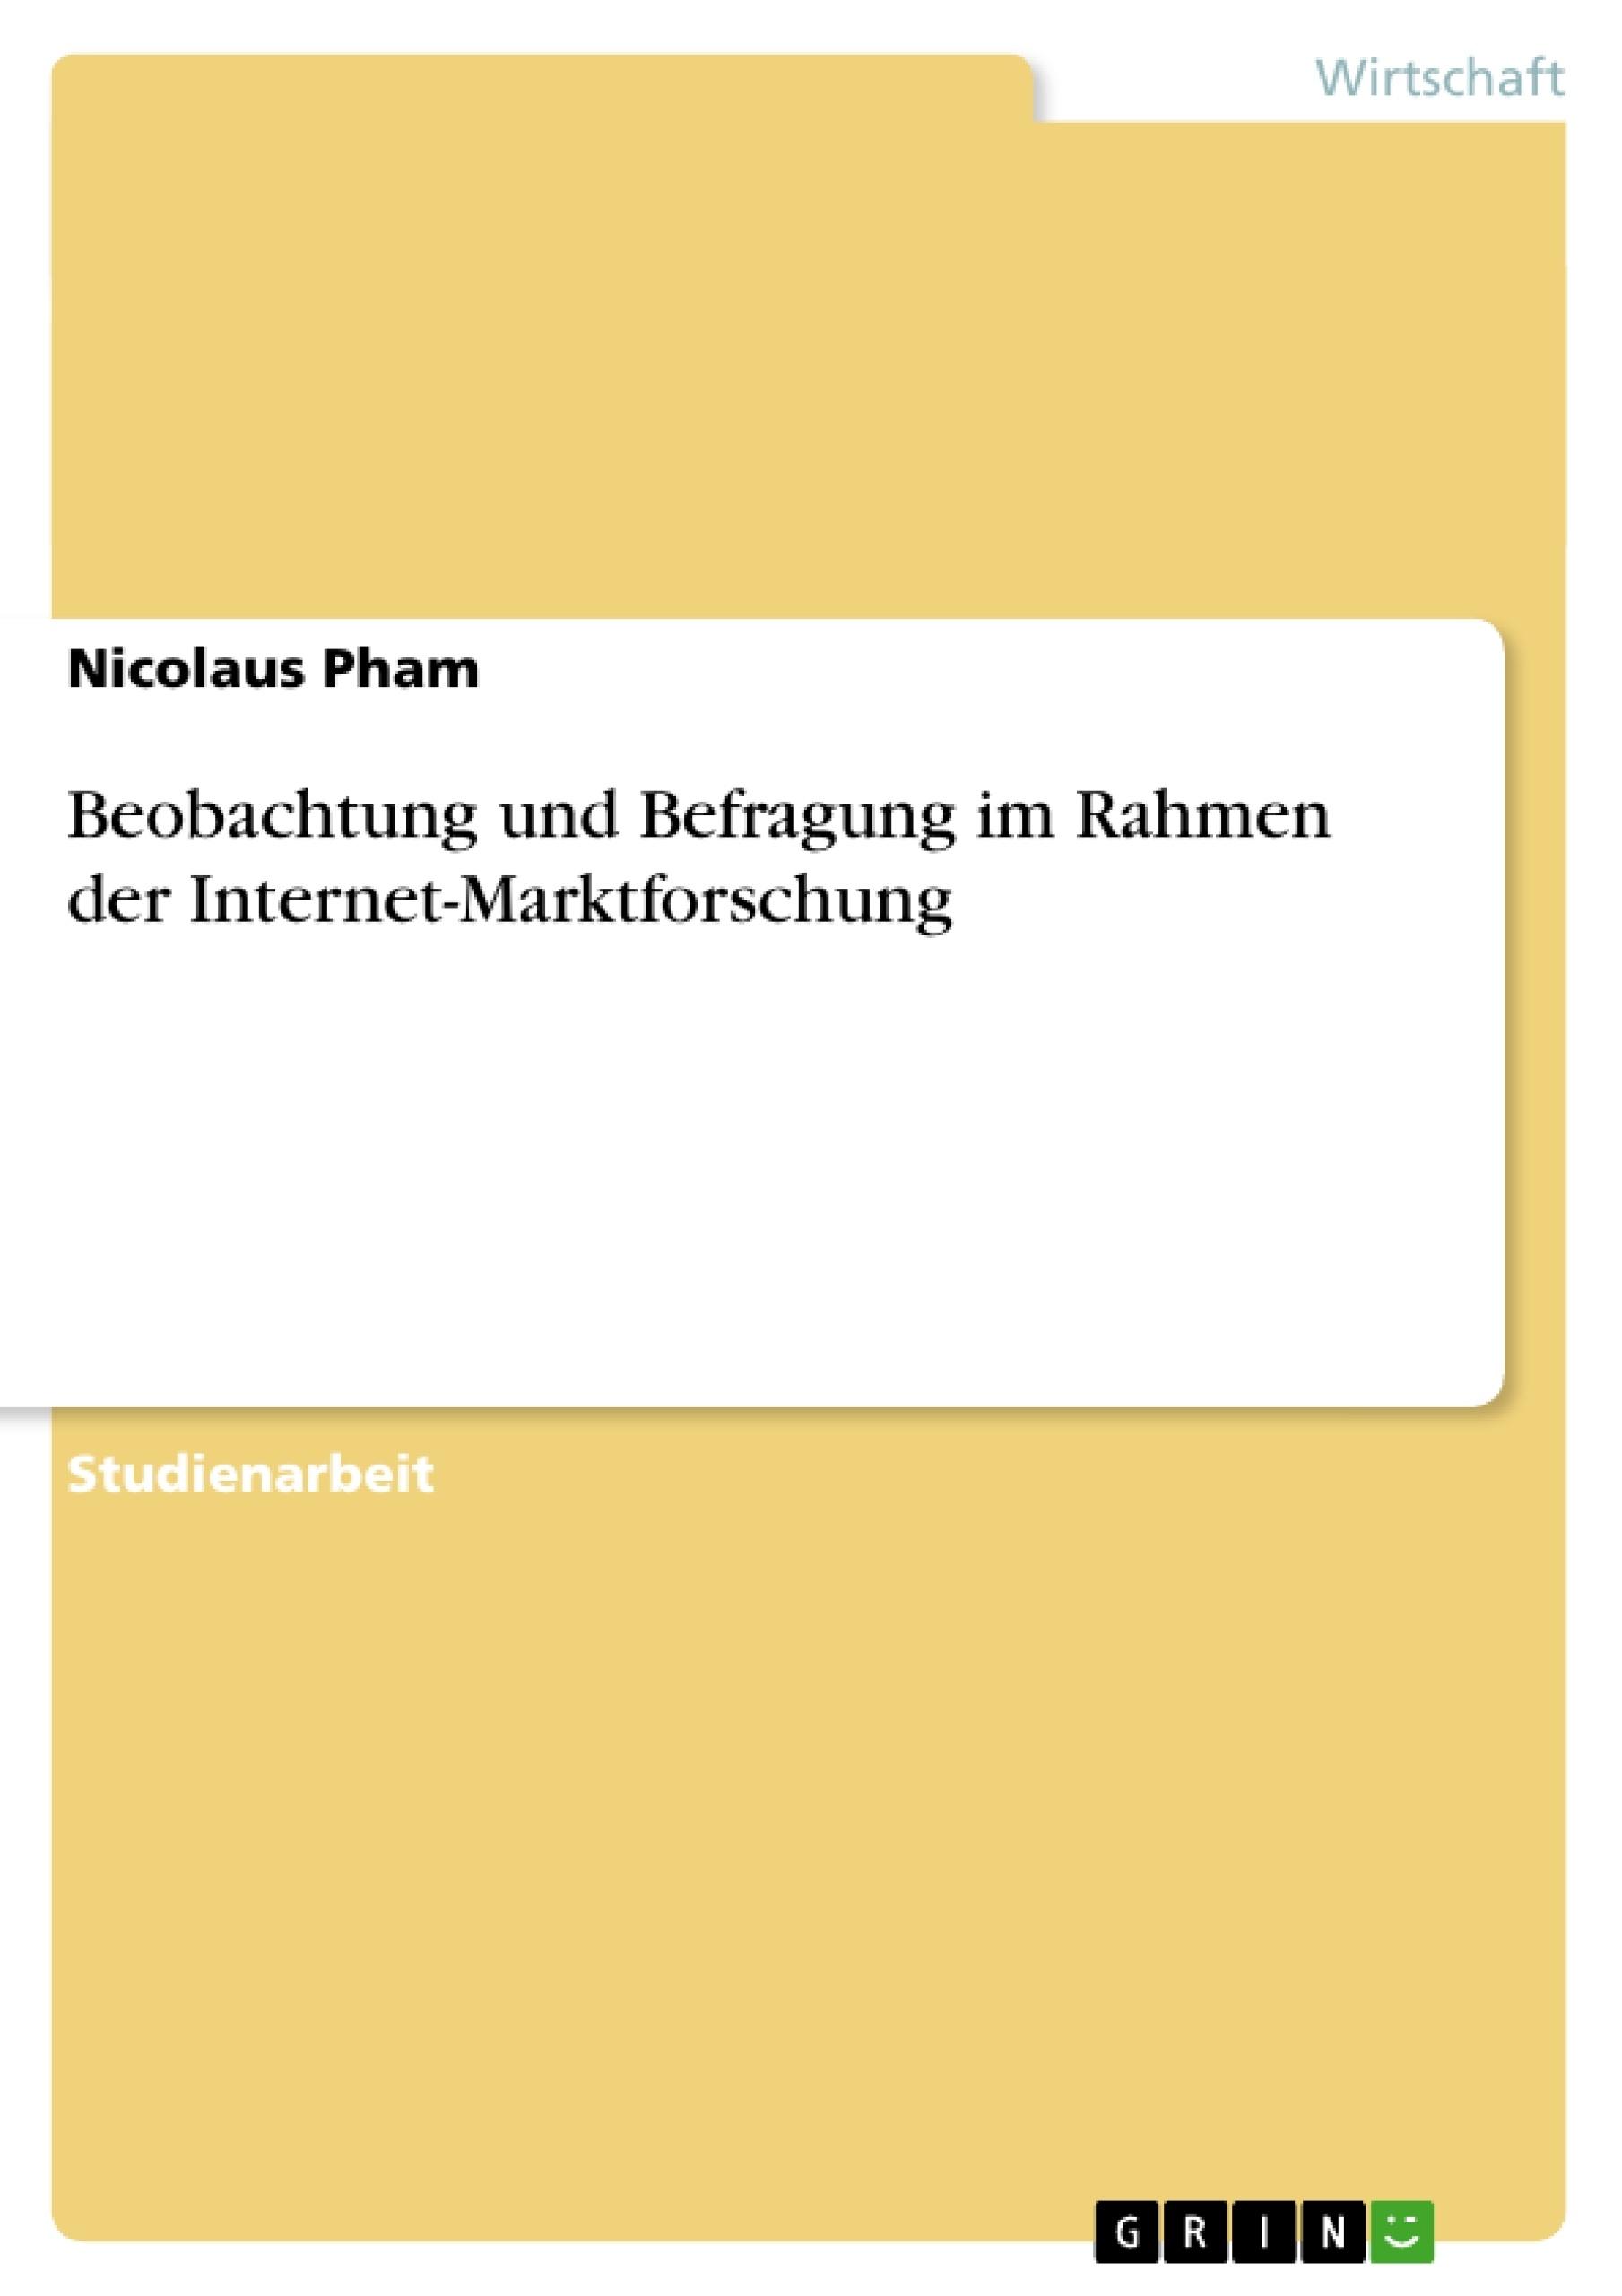 Titel: Beobachtung und Befragung im Rahmen der Internet-Marktforschung